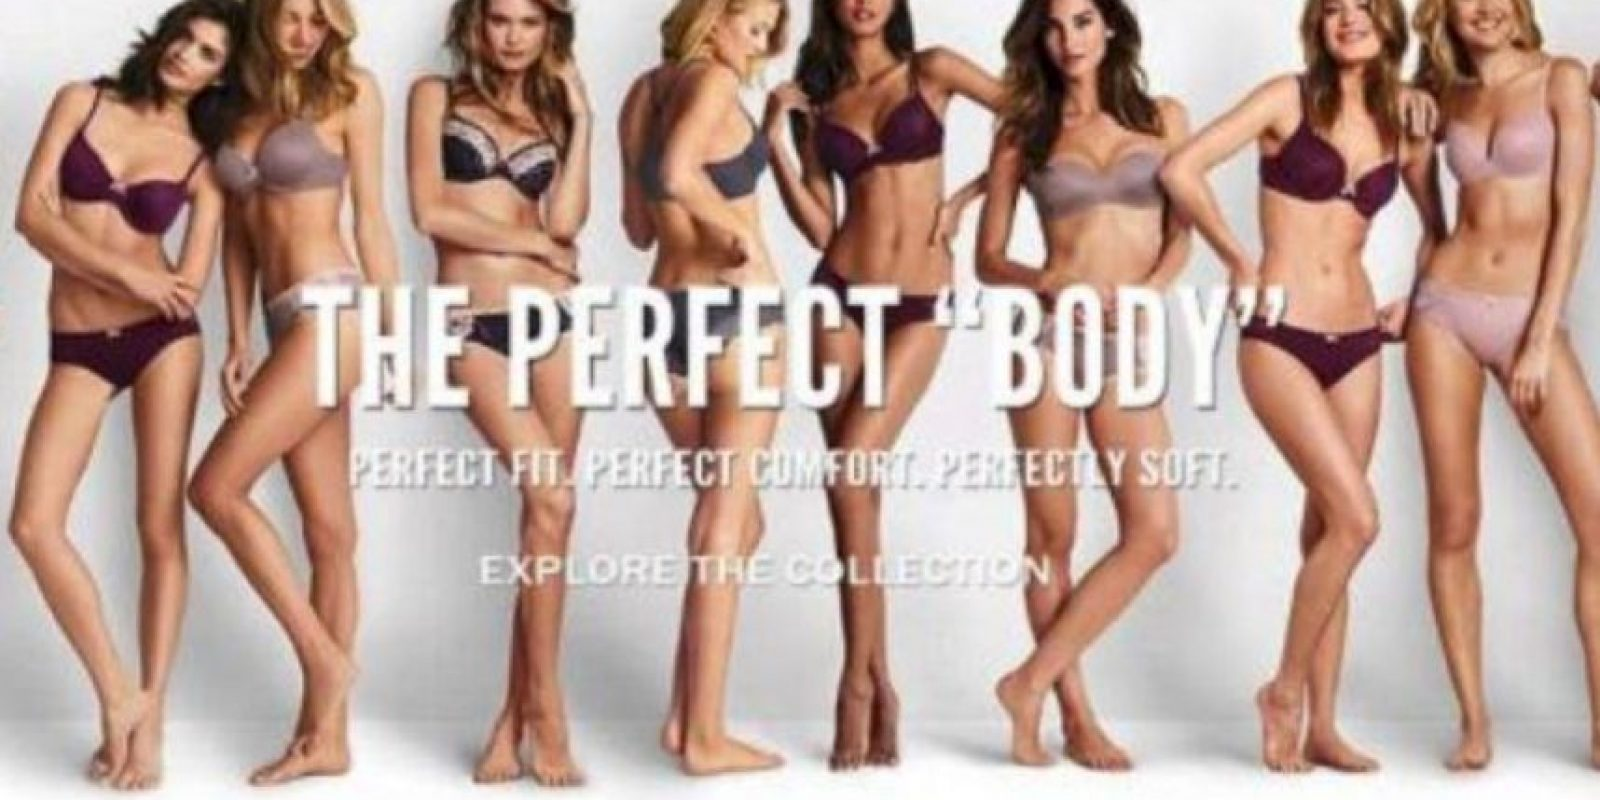 El año pasado, Victoria´s Secret hizo esta campaña. Foto:vía Twitter/Perfect Body